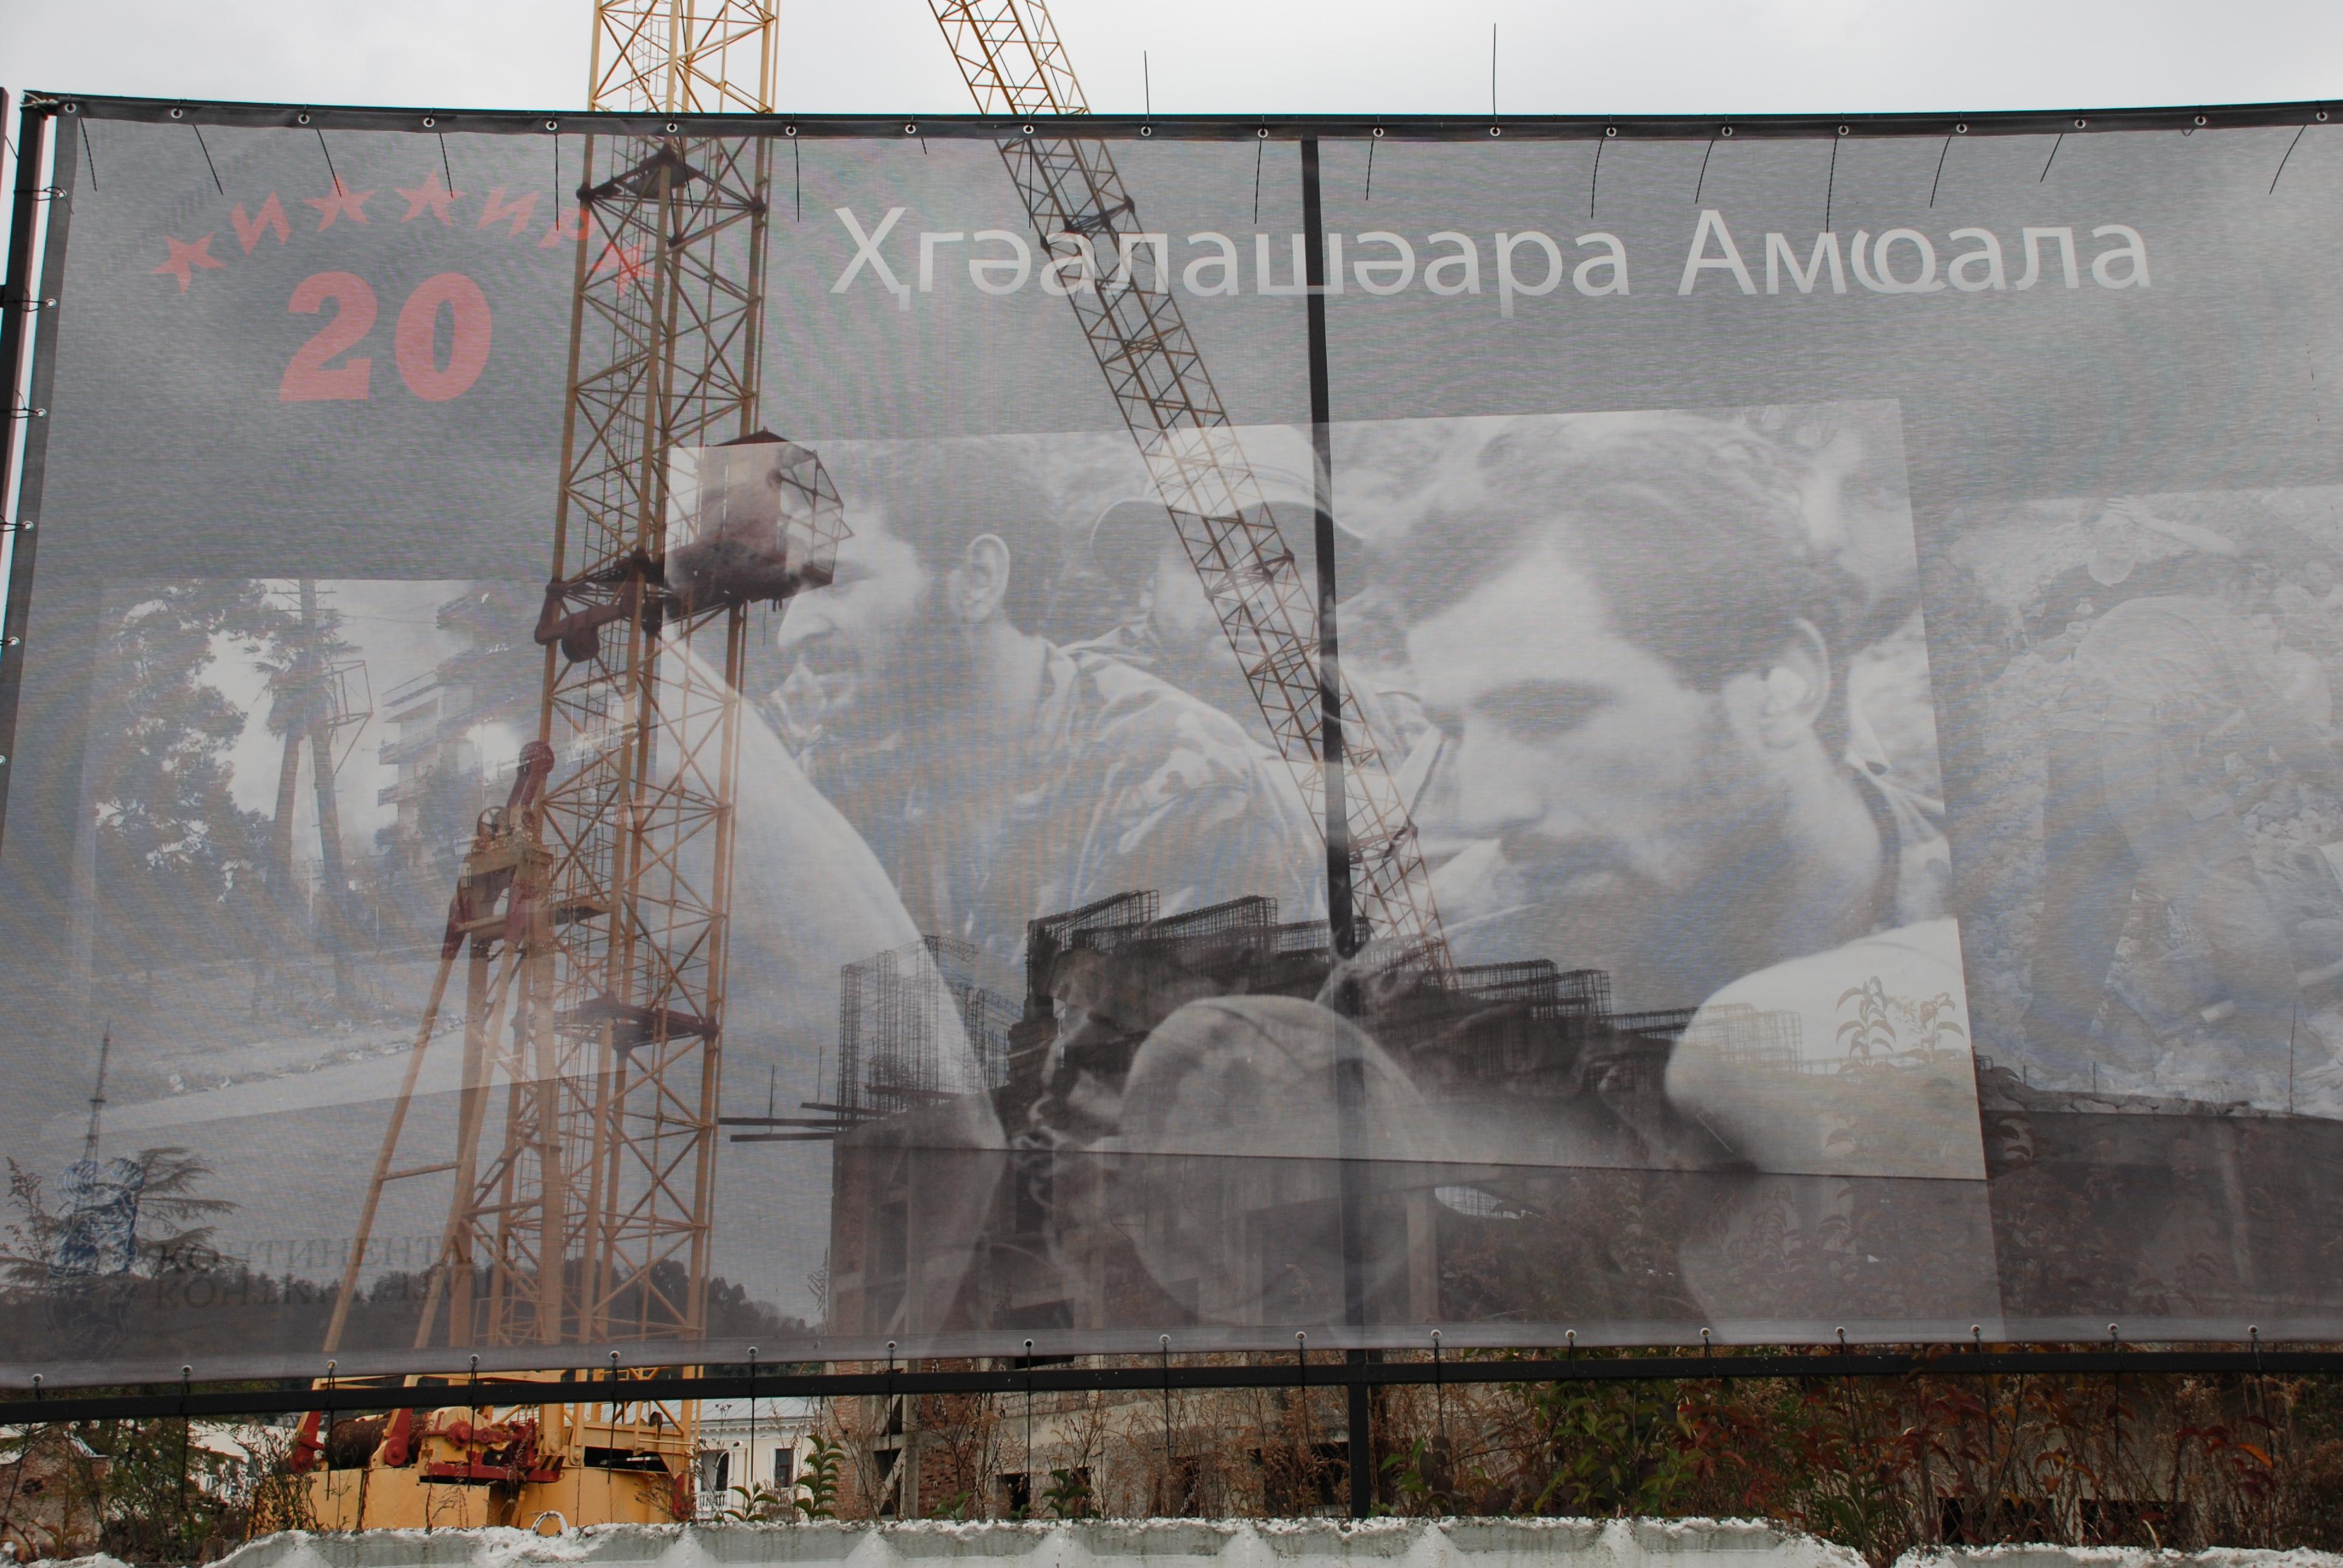 Sukhumi: un cartellone celebra i 20 anni della fine della guerra tra Abkhazia e Georgia. Dietro uno dei numerosi cantieri nel centro della capitale (foto M. Ellena)